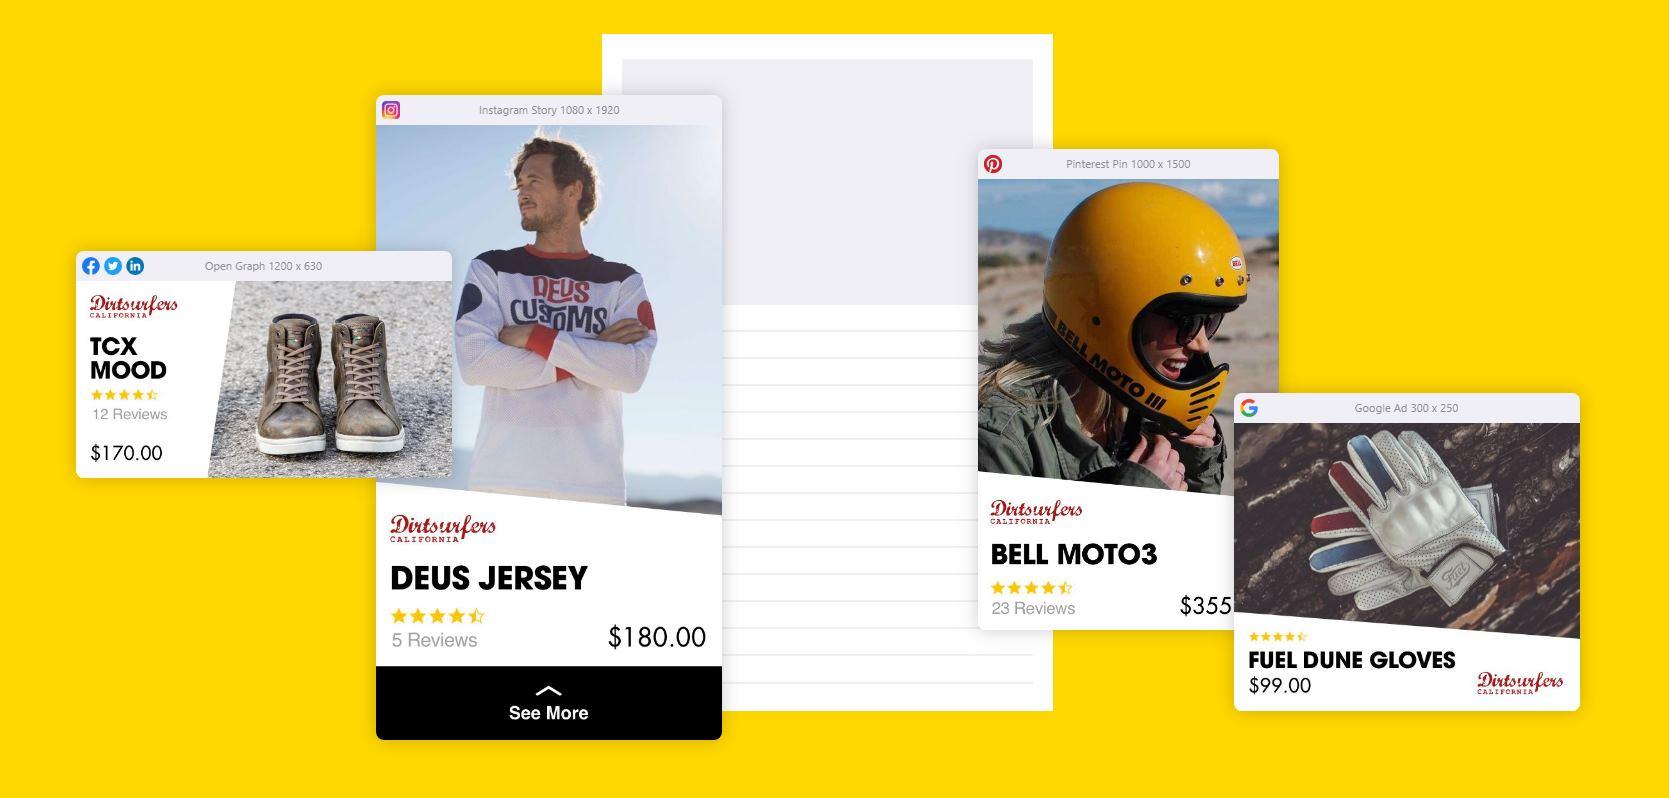 bannerbear, para crear banners para historias de Instagram y Pinterest de forma automática